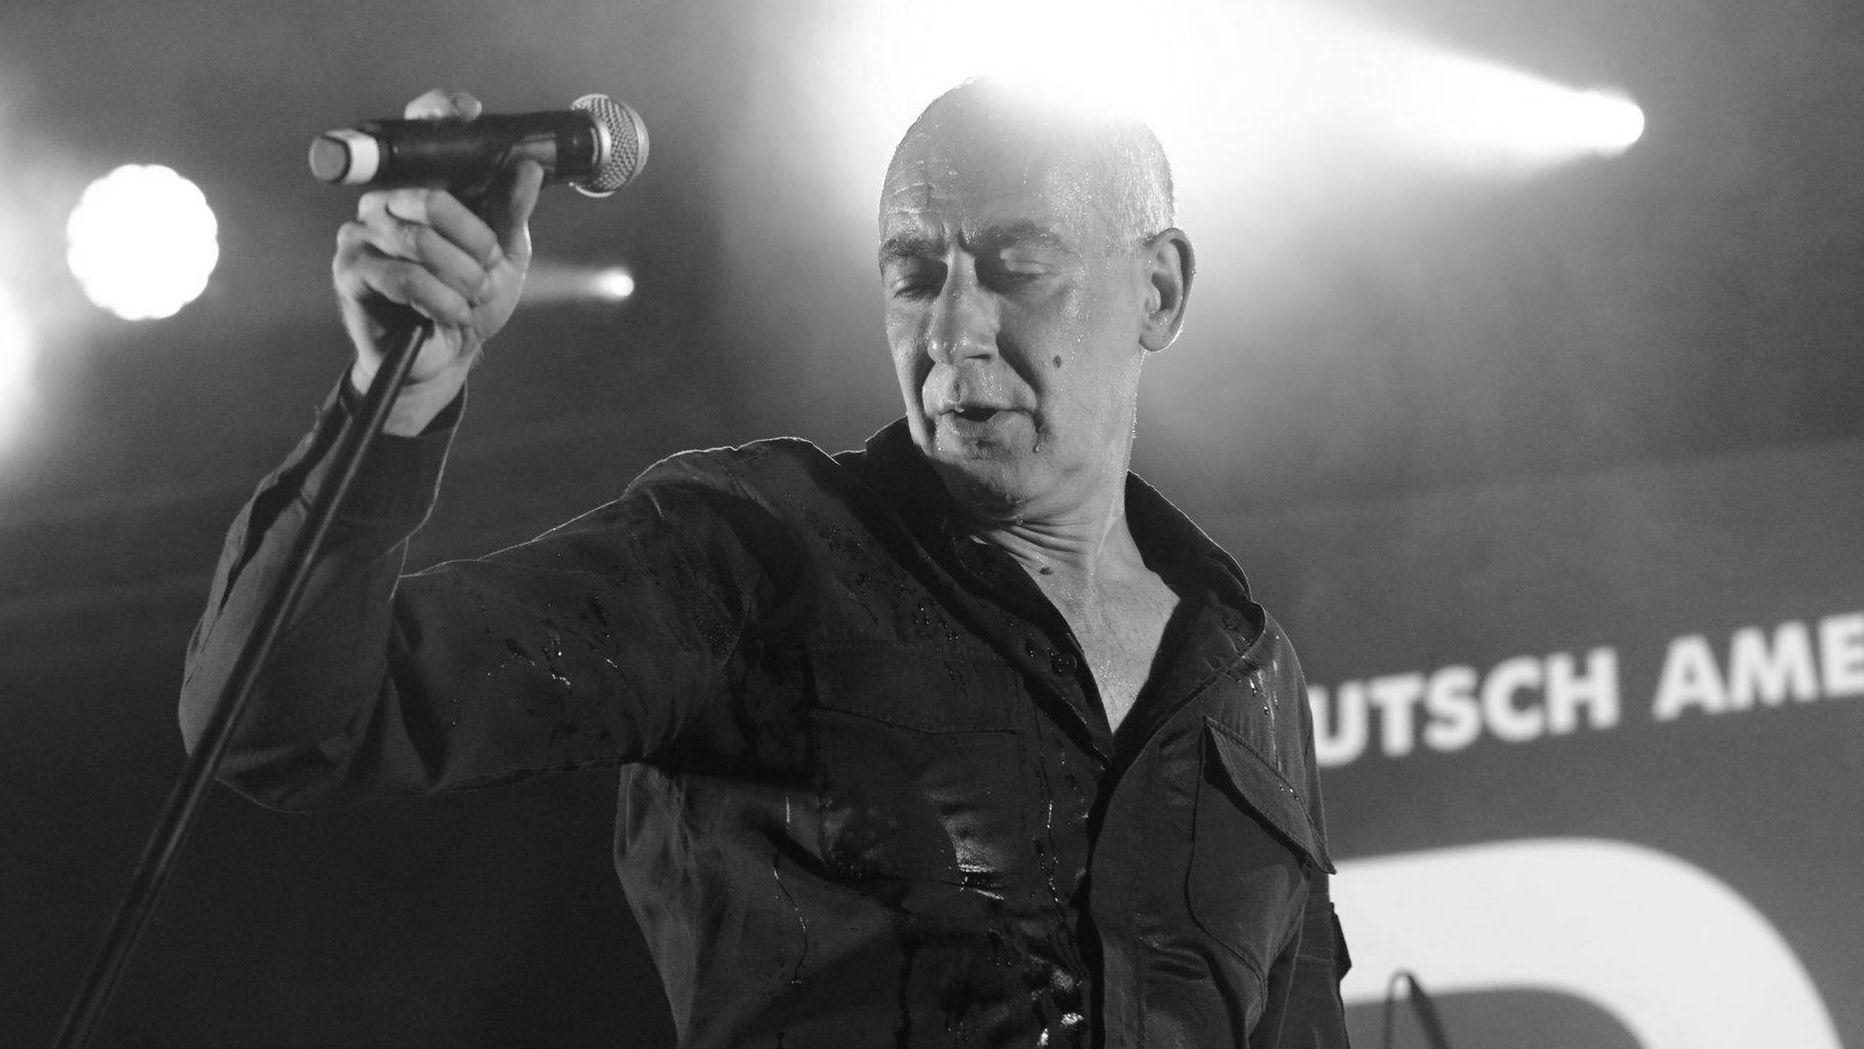 """Der Sänger Gabriel """"Gabi"""" Delgado-López bei einem Konzert auf der Bühne."""